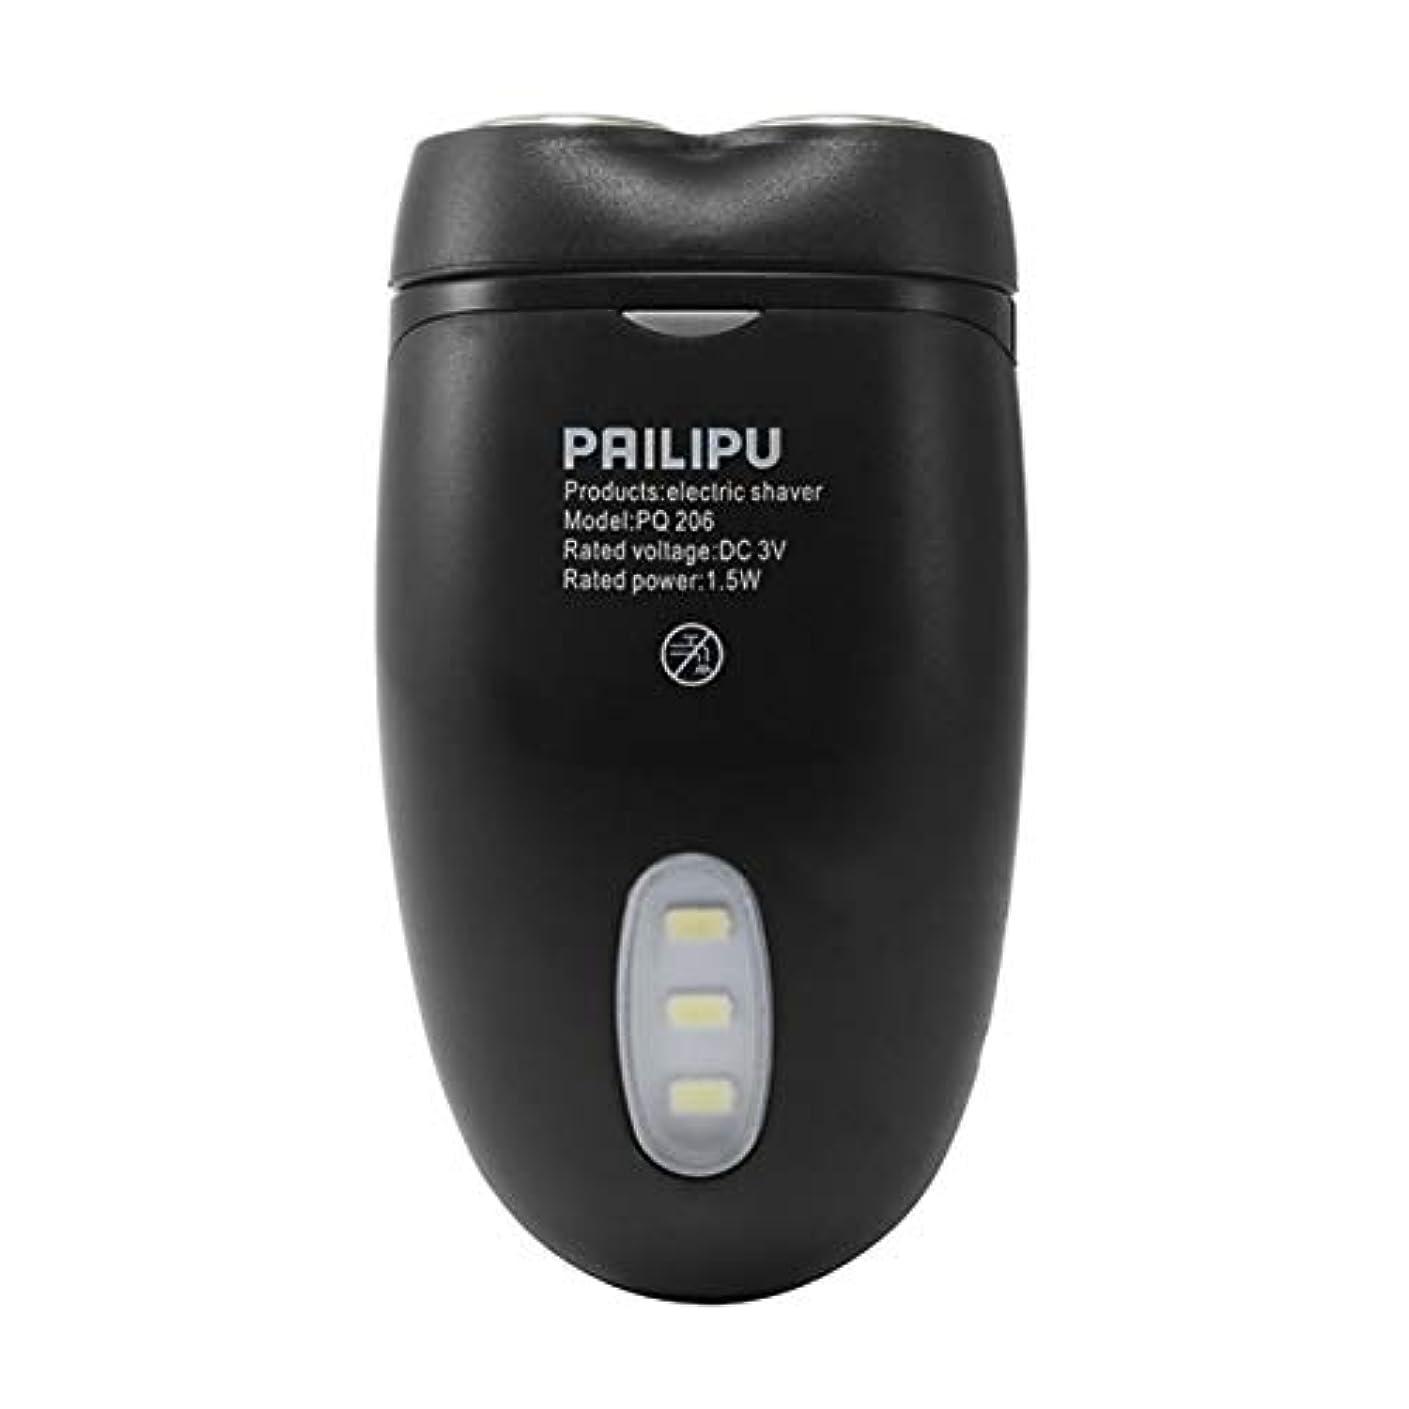 精巧なマッシュ不愉快Saikogoods 多機能LED照明で二重頭の搭載男性コードレス電気シェーバーカミソリ髭バリカンバッテリー 黒 キッチン